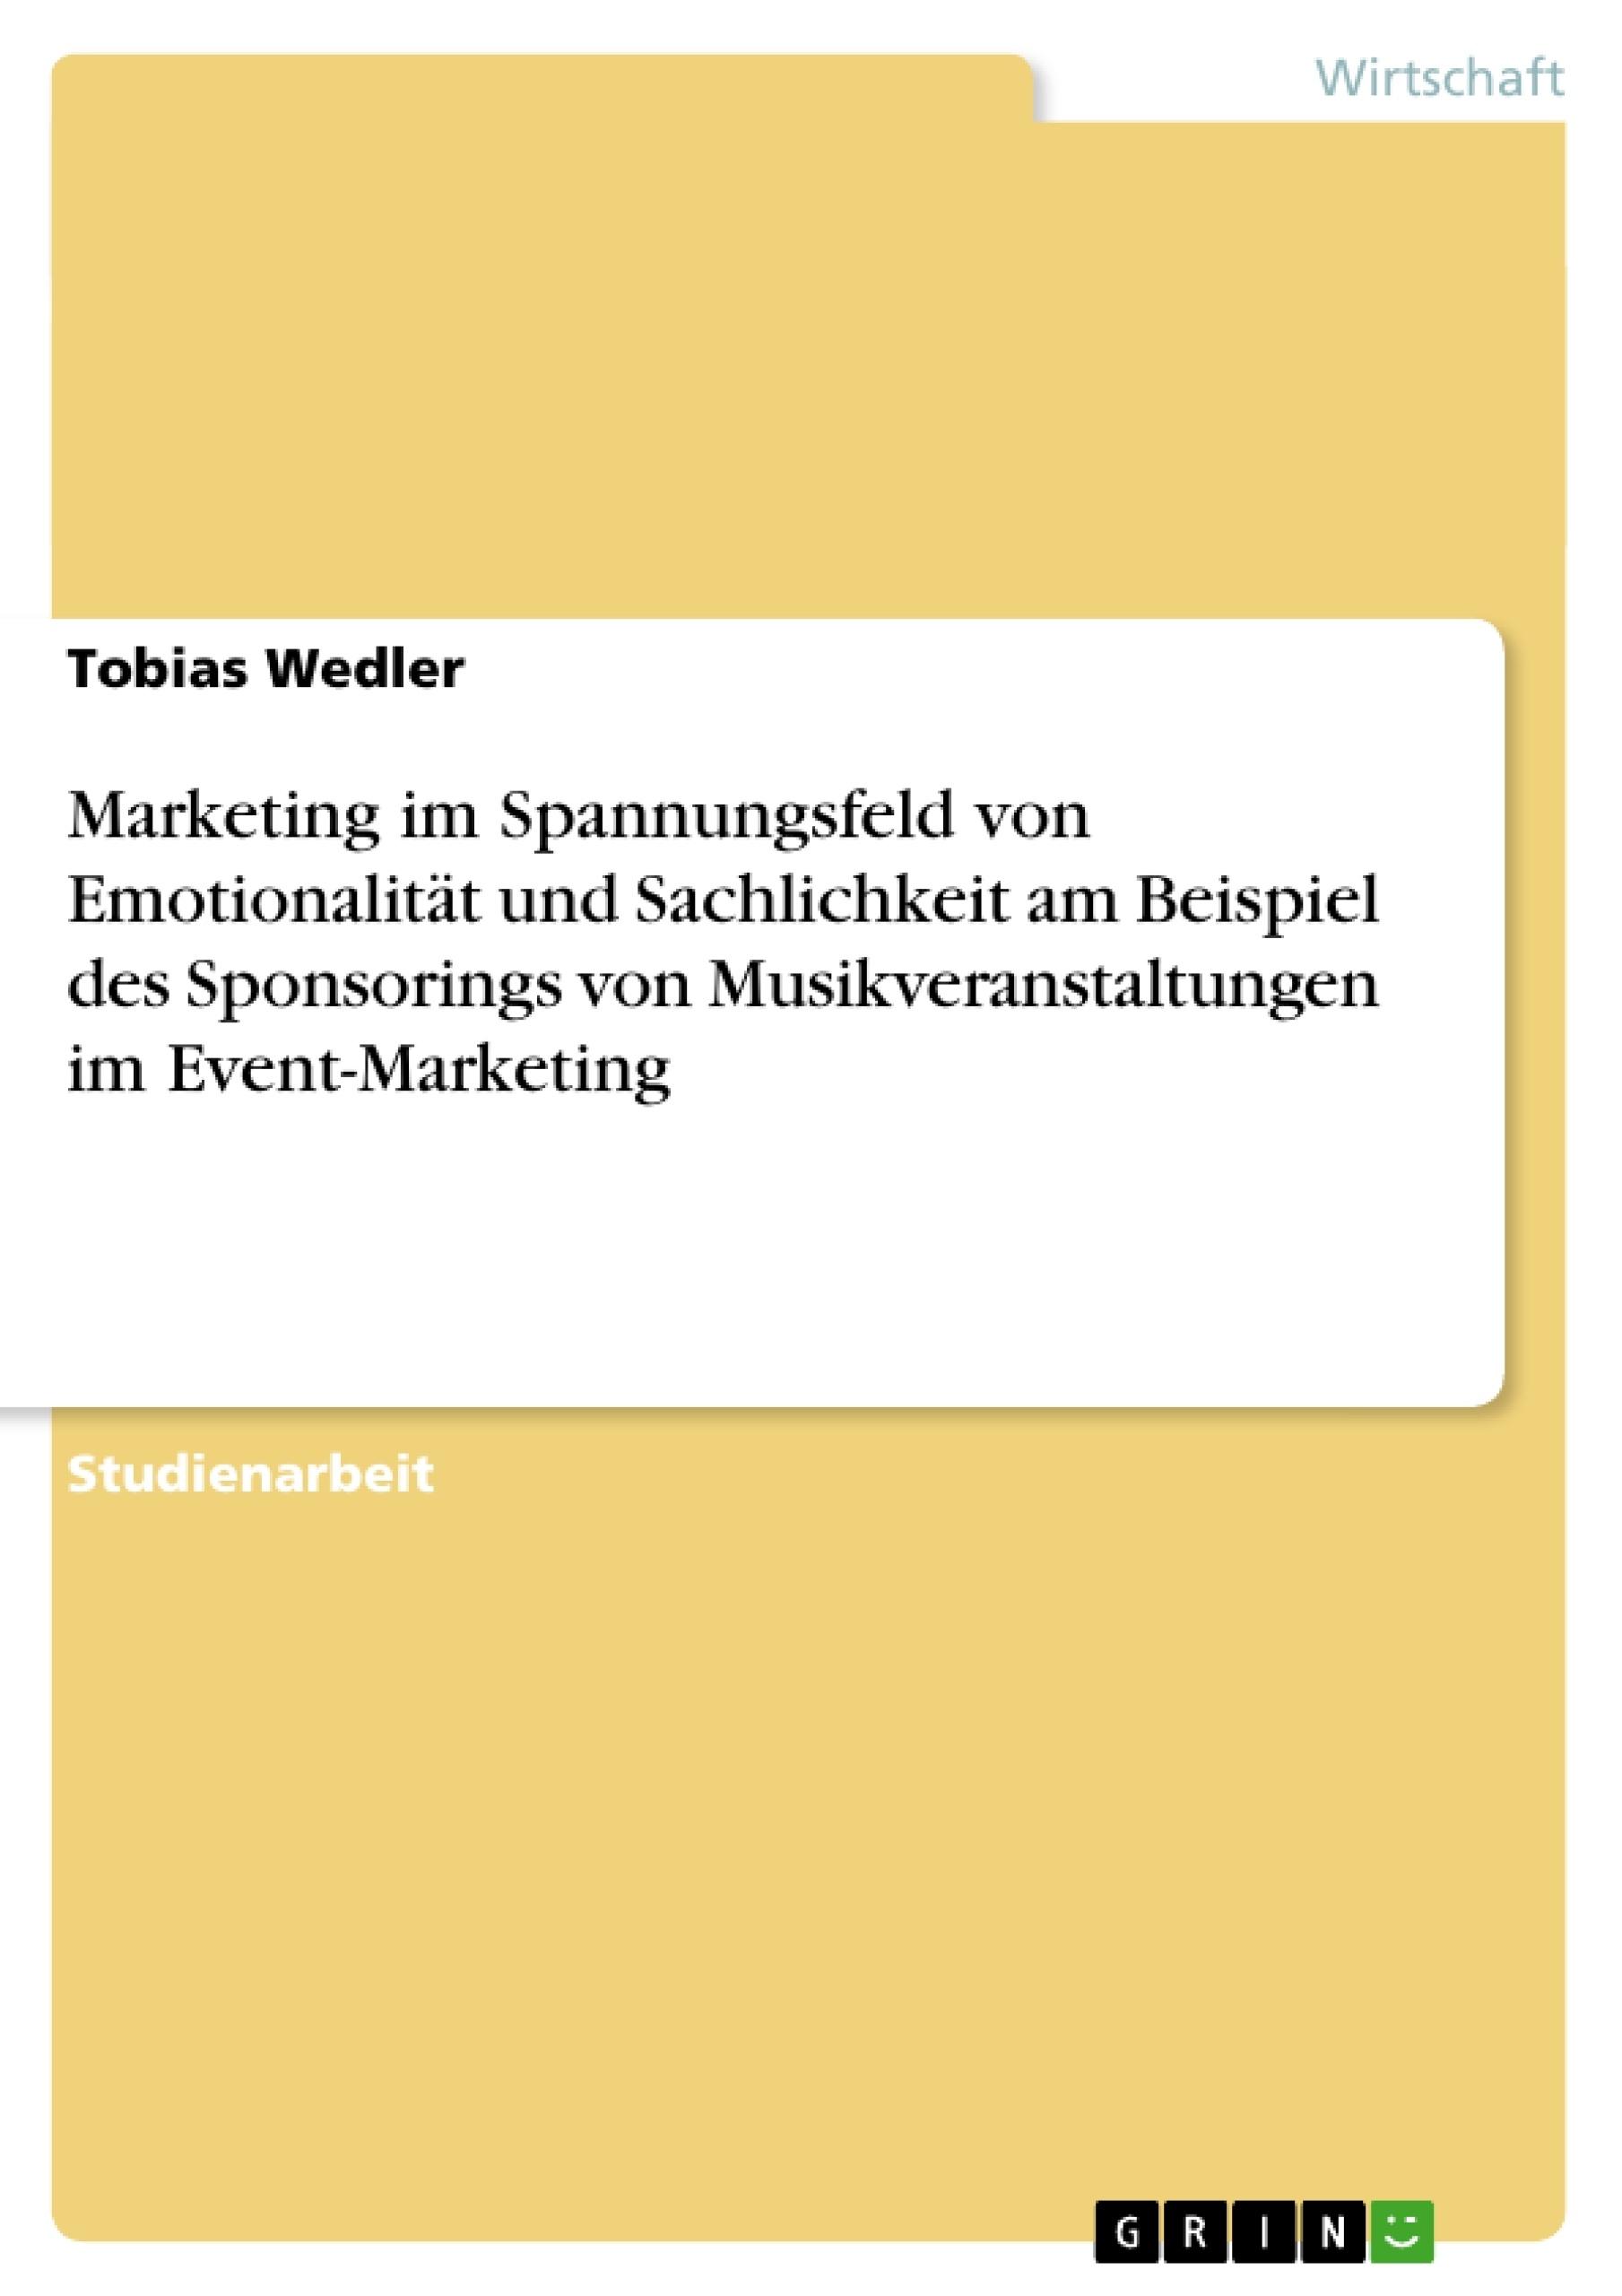 Titel: Marketing im Spannungsfeld von Emotionalität und Sachlichkeit am Beispiel des Sponsorings von Musikveranstaltungen  im Event-Marketing